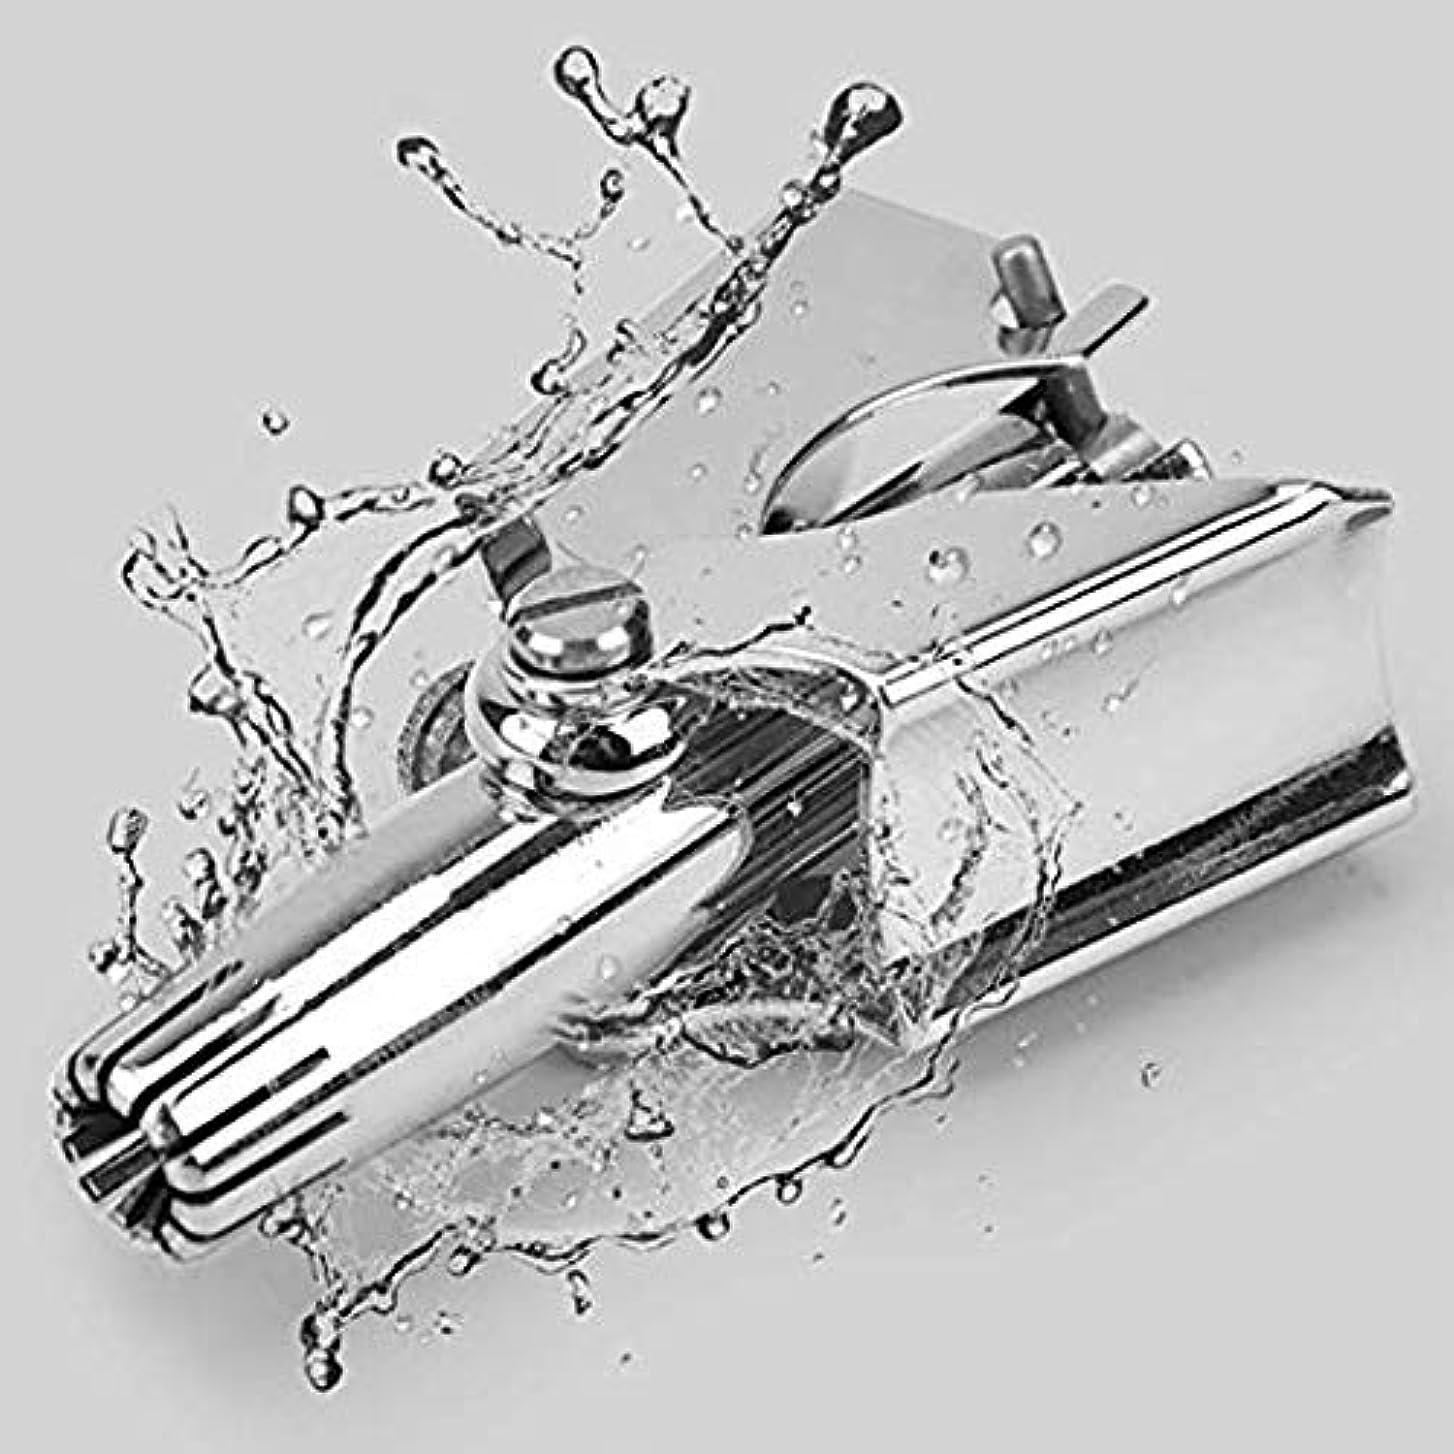 バックアップモットーいらいらさせる耳と鼻の毛トリマー、男性と女性のための手動鼻毛トリマー、完璧なステンレス鋼の鼻トリマーはさみ-シルバー(バッテリー不要) (Color : Silver)